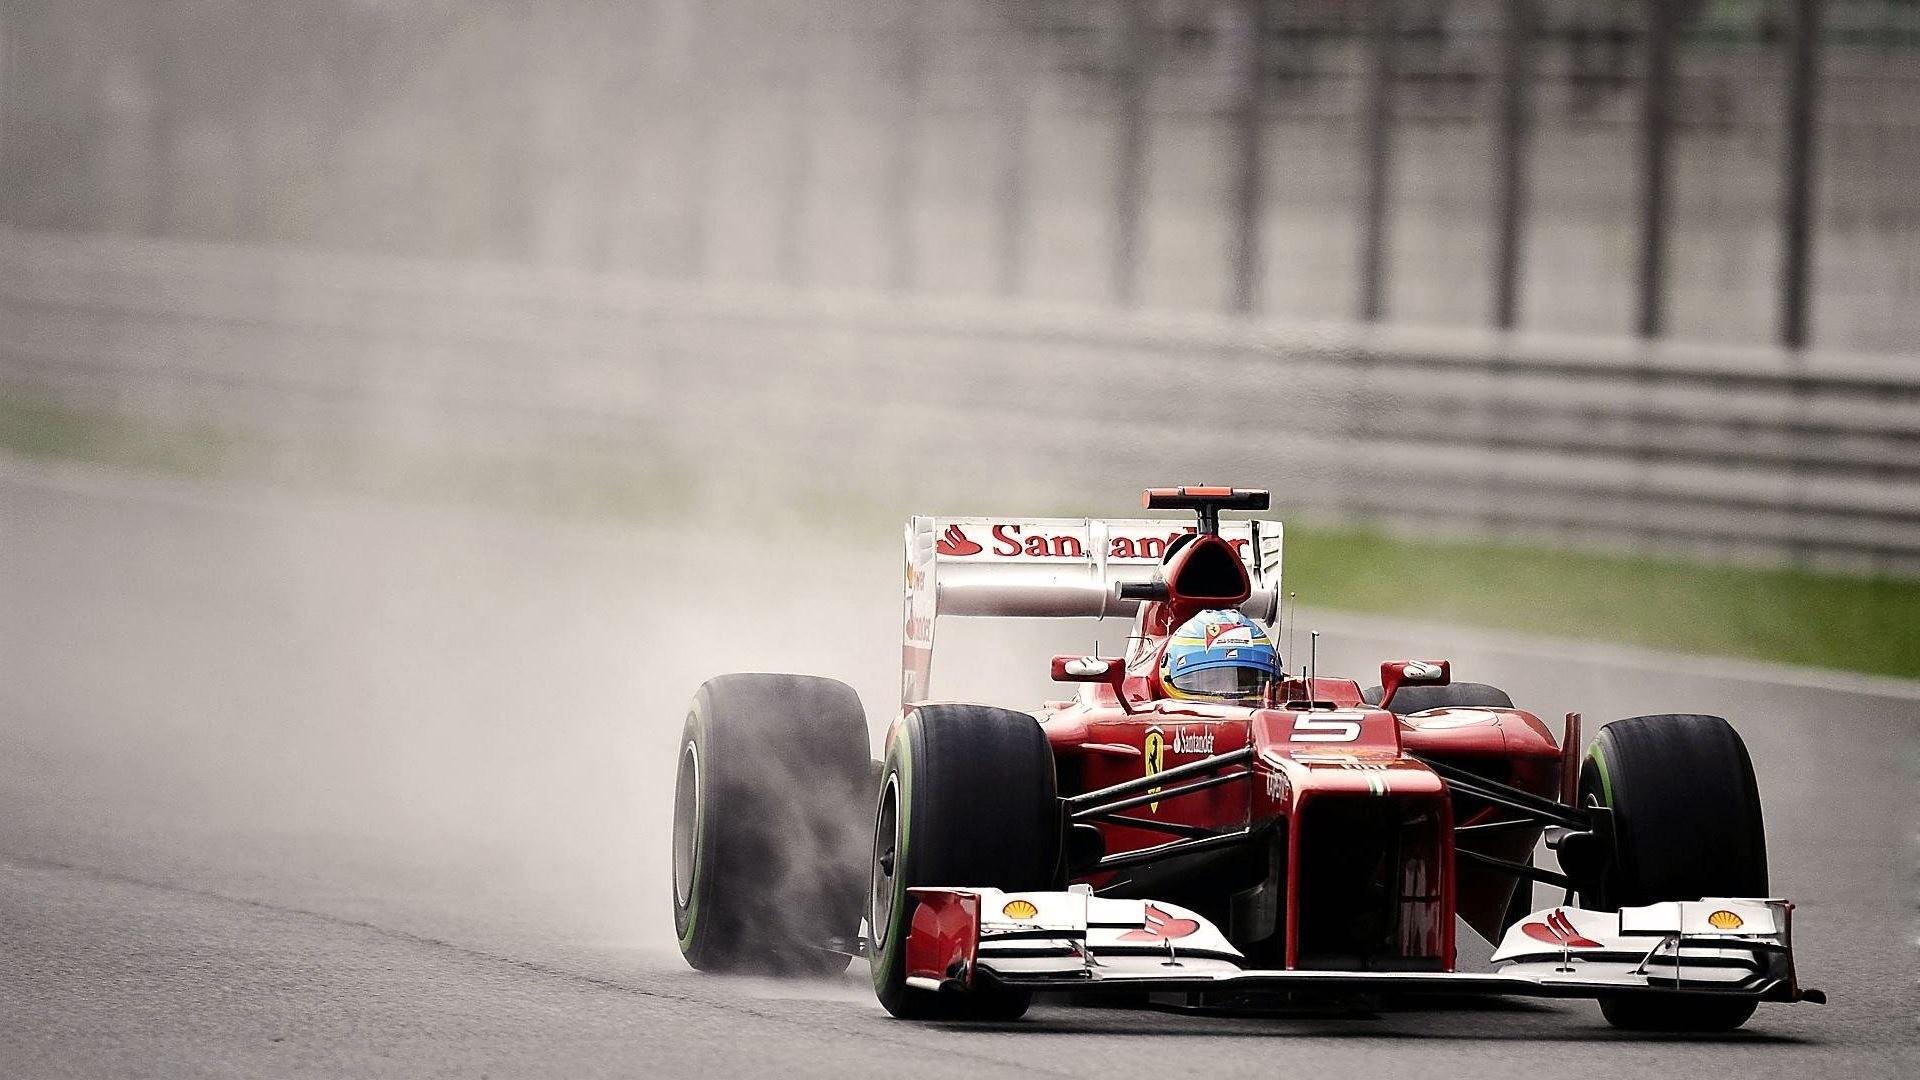 Formula 1 cars images desktop hd.